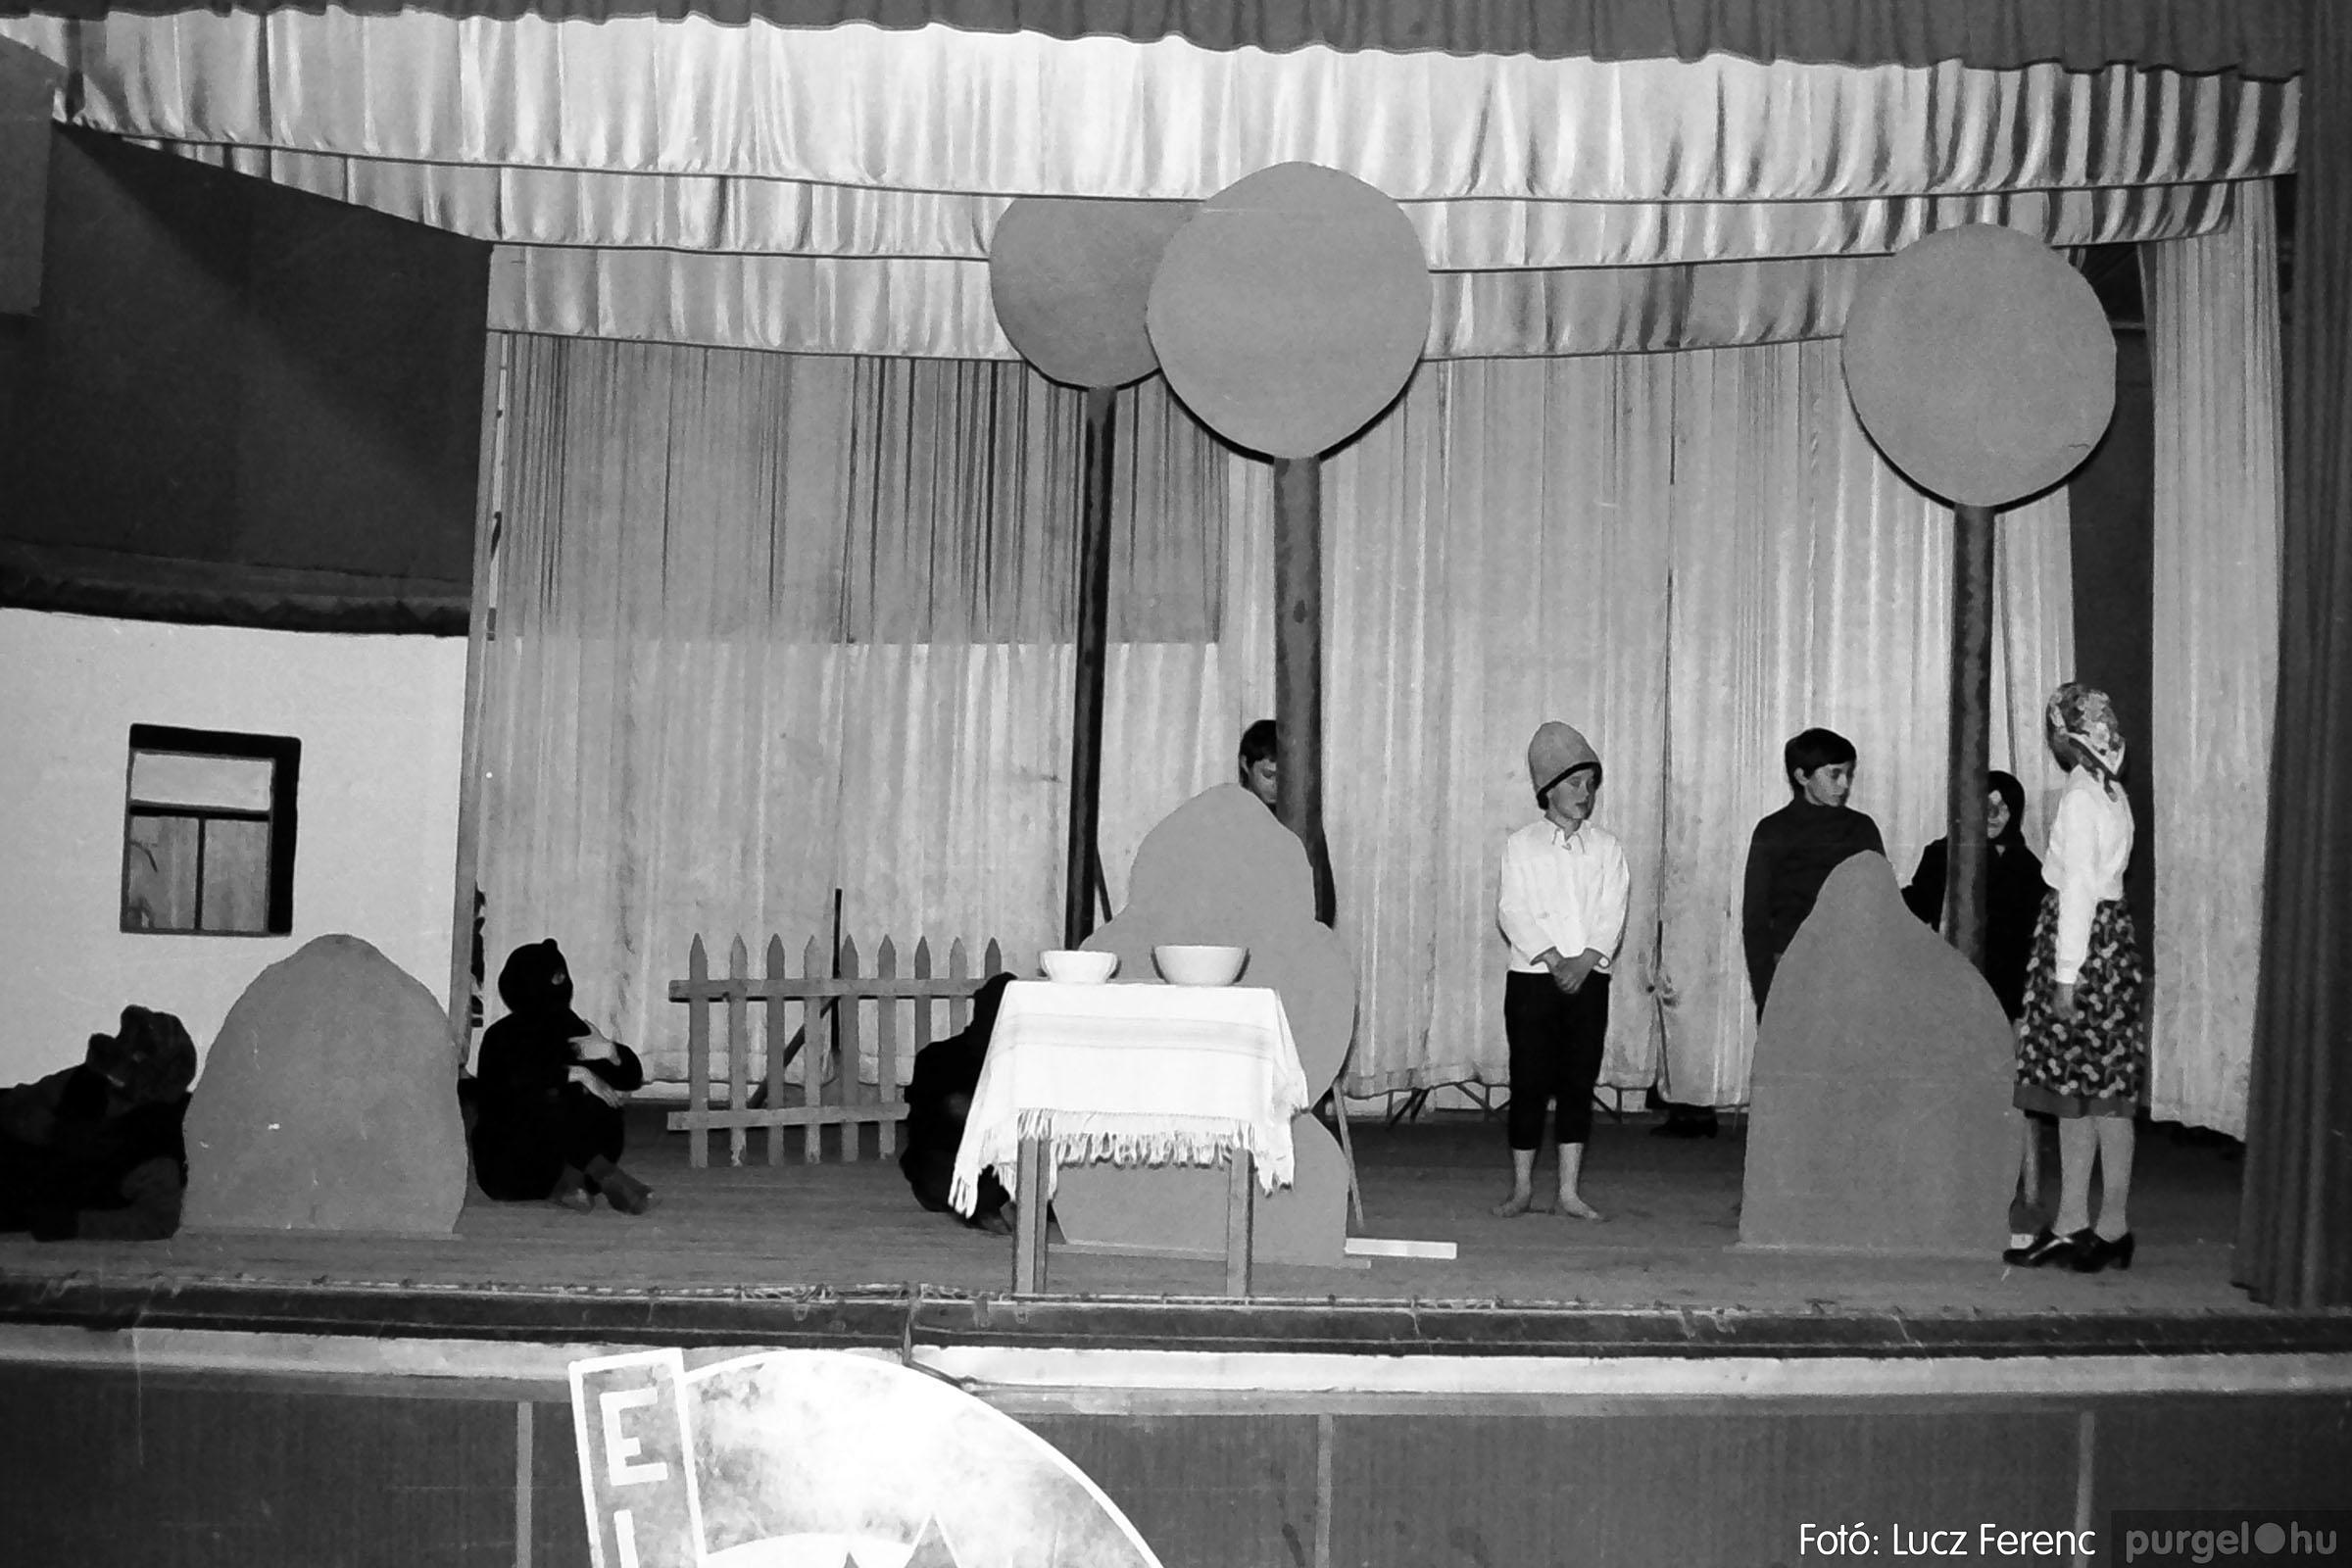 036-037. 1976. Diákprogram a kultúrházban 013 - Fotó: Lucz Ferenc.jpg